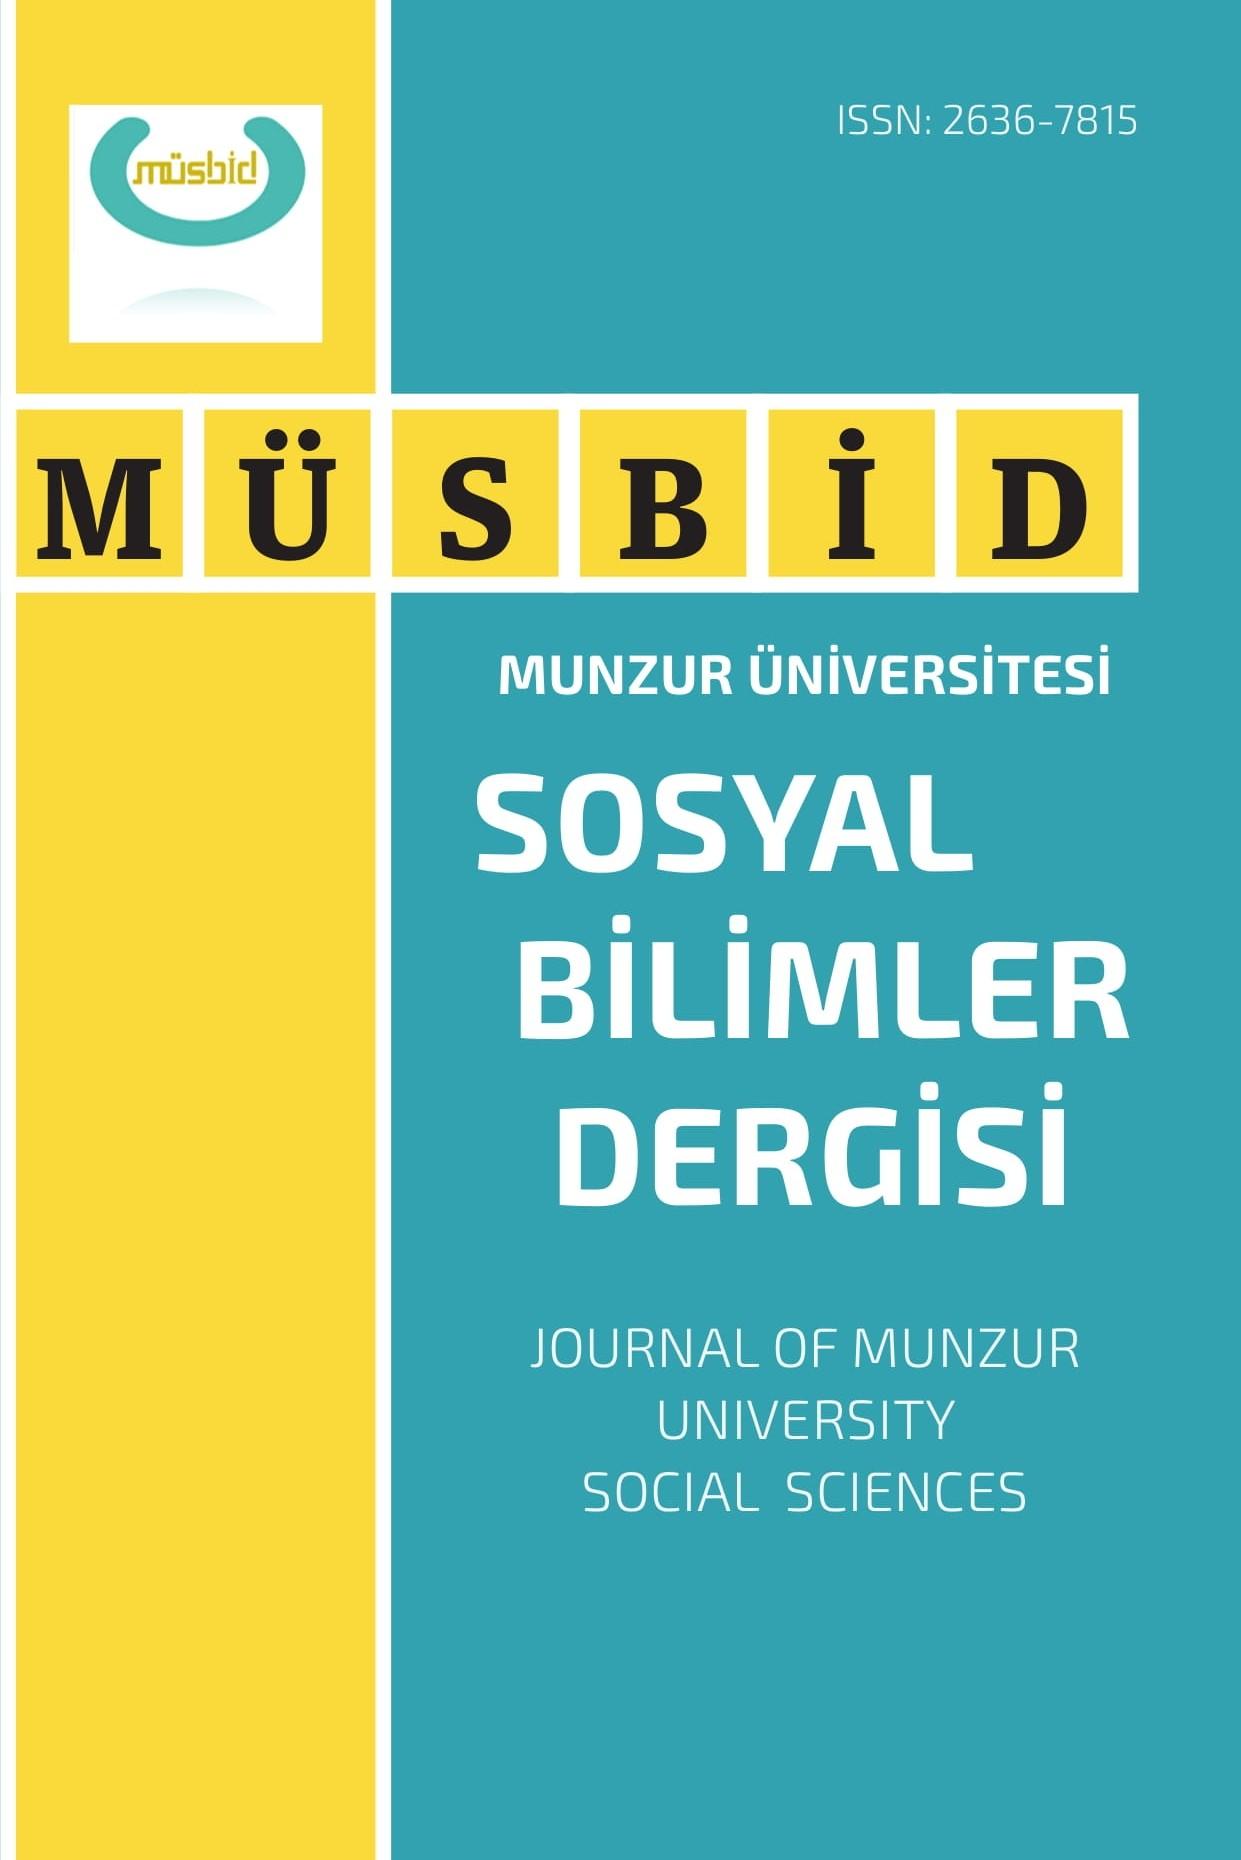 Munzur Üniversitesi Sosyal Bilimler Dergisi (MÜSBİD)